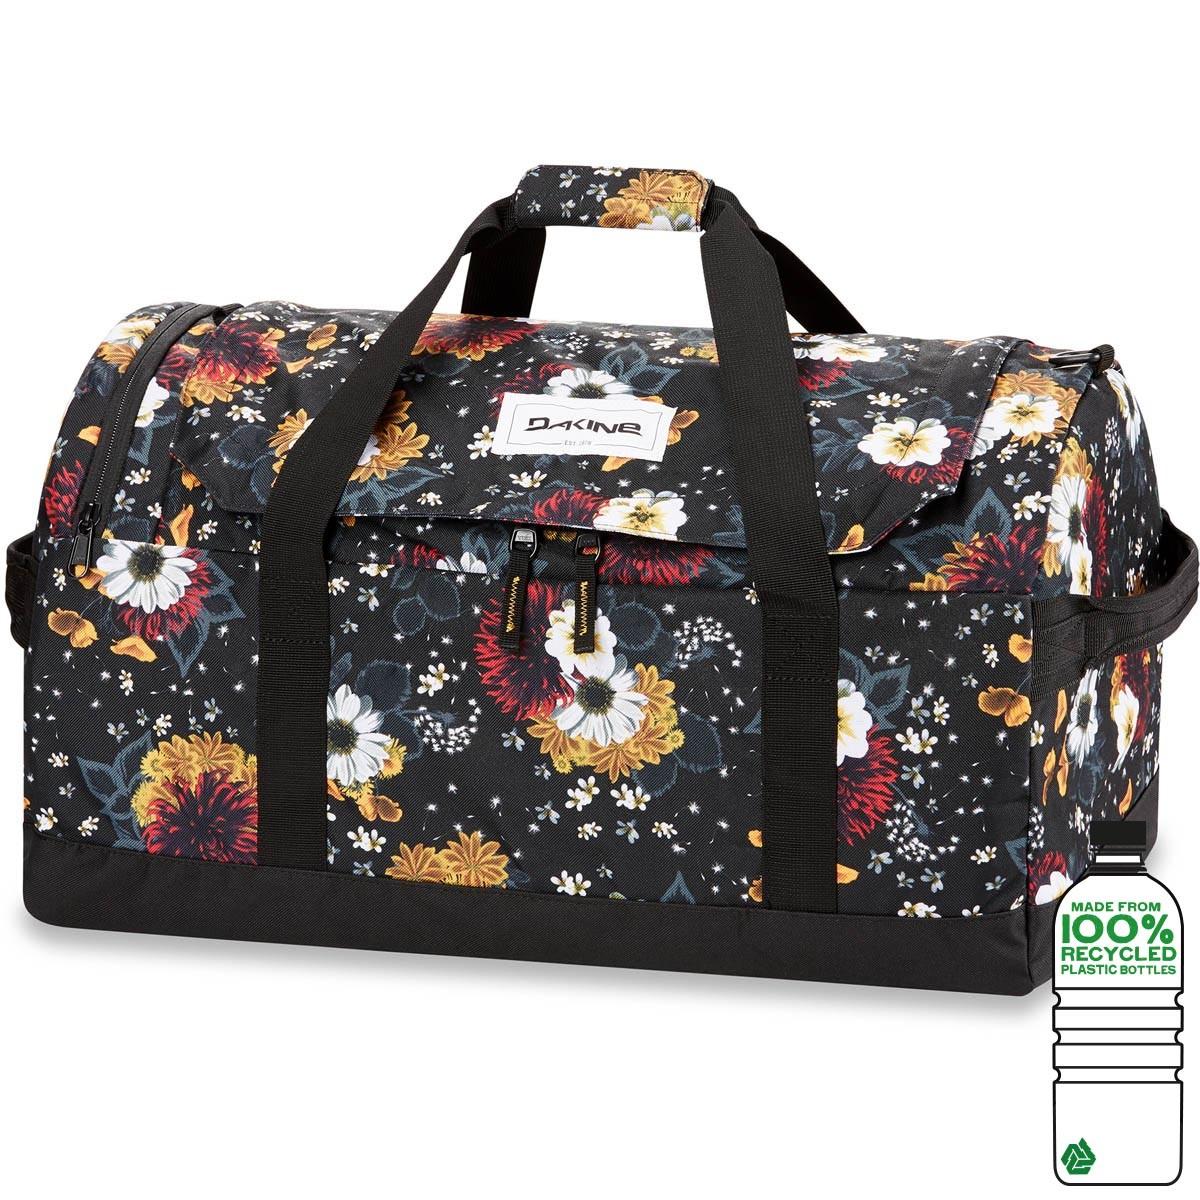 5eeb57dd5310c Dakine EQ Duffle 50L Sporttasche Winter Daisy – Finch Shopping